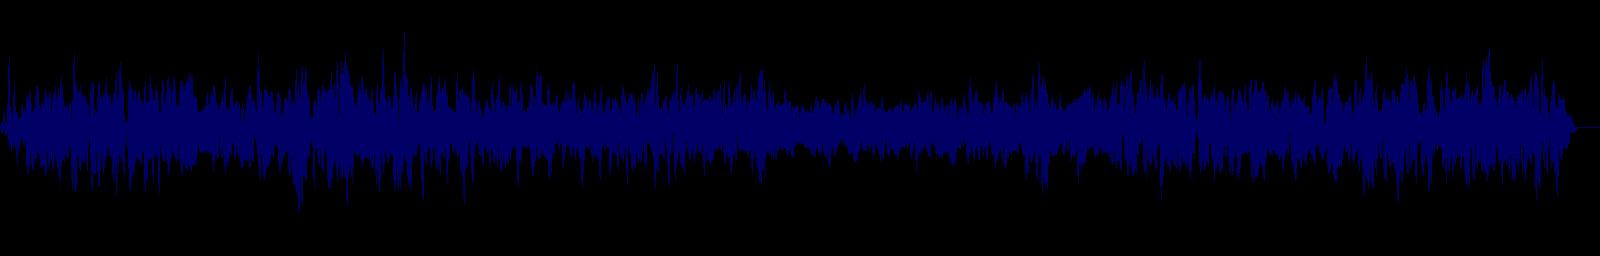 waveform of track #134153